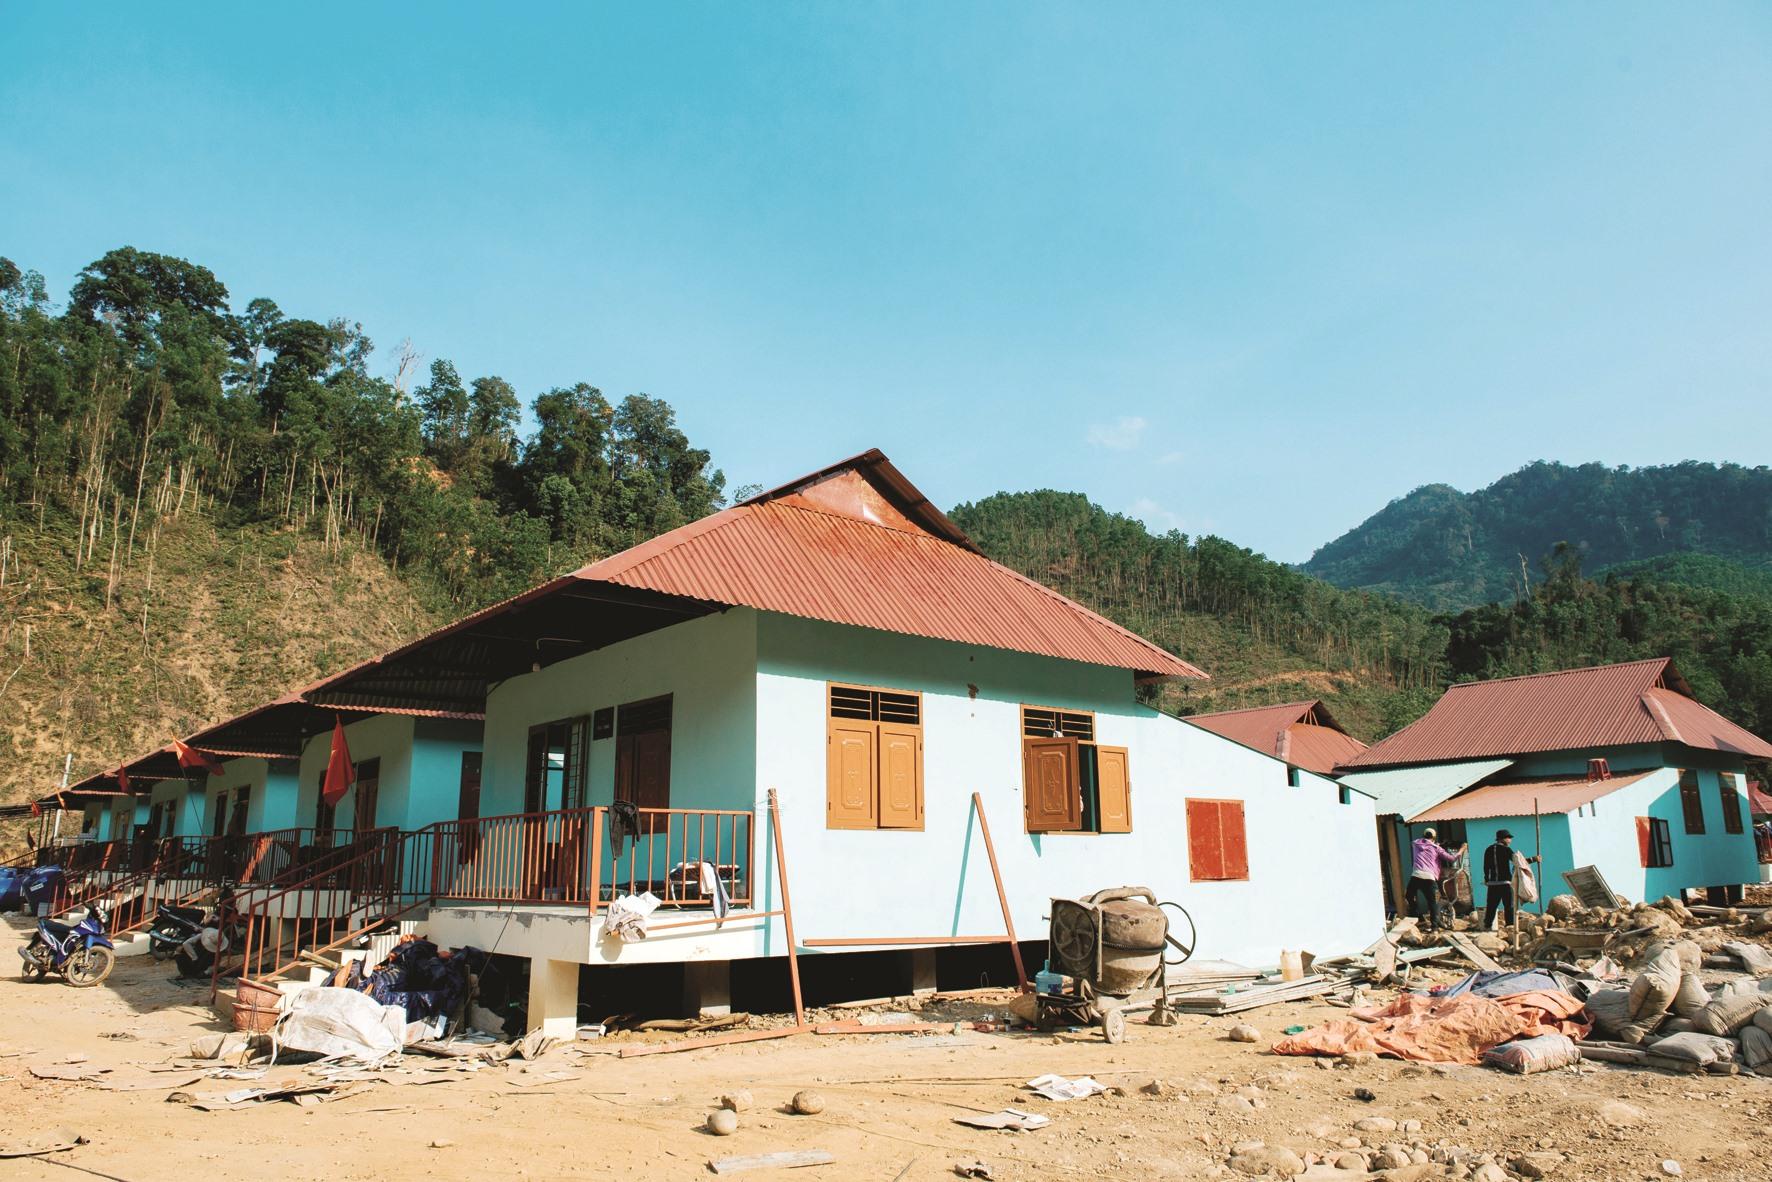 Đầu tháng 2 vừa qua, UBND huyện Nam Trà My phối hợp với Công ty CP Ô tô Trường Hải (Thaco) bàn giao 13 căn nhà (Thaco tài trợ 5 tỷ đồng xây dựng) cho người dân đón tết.